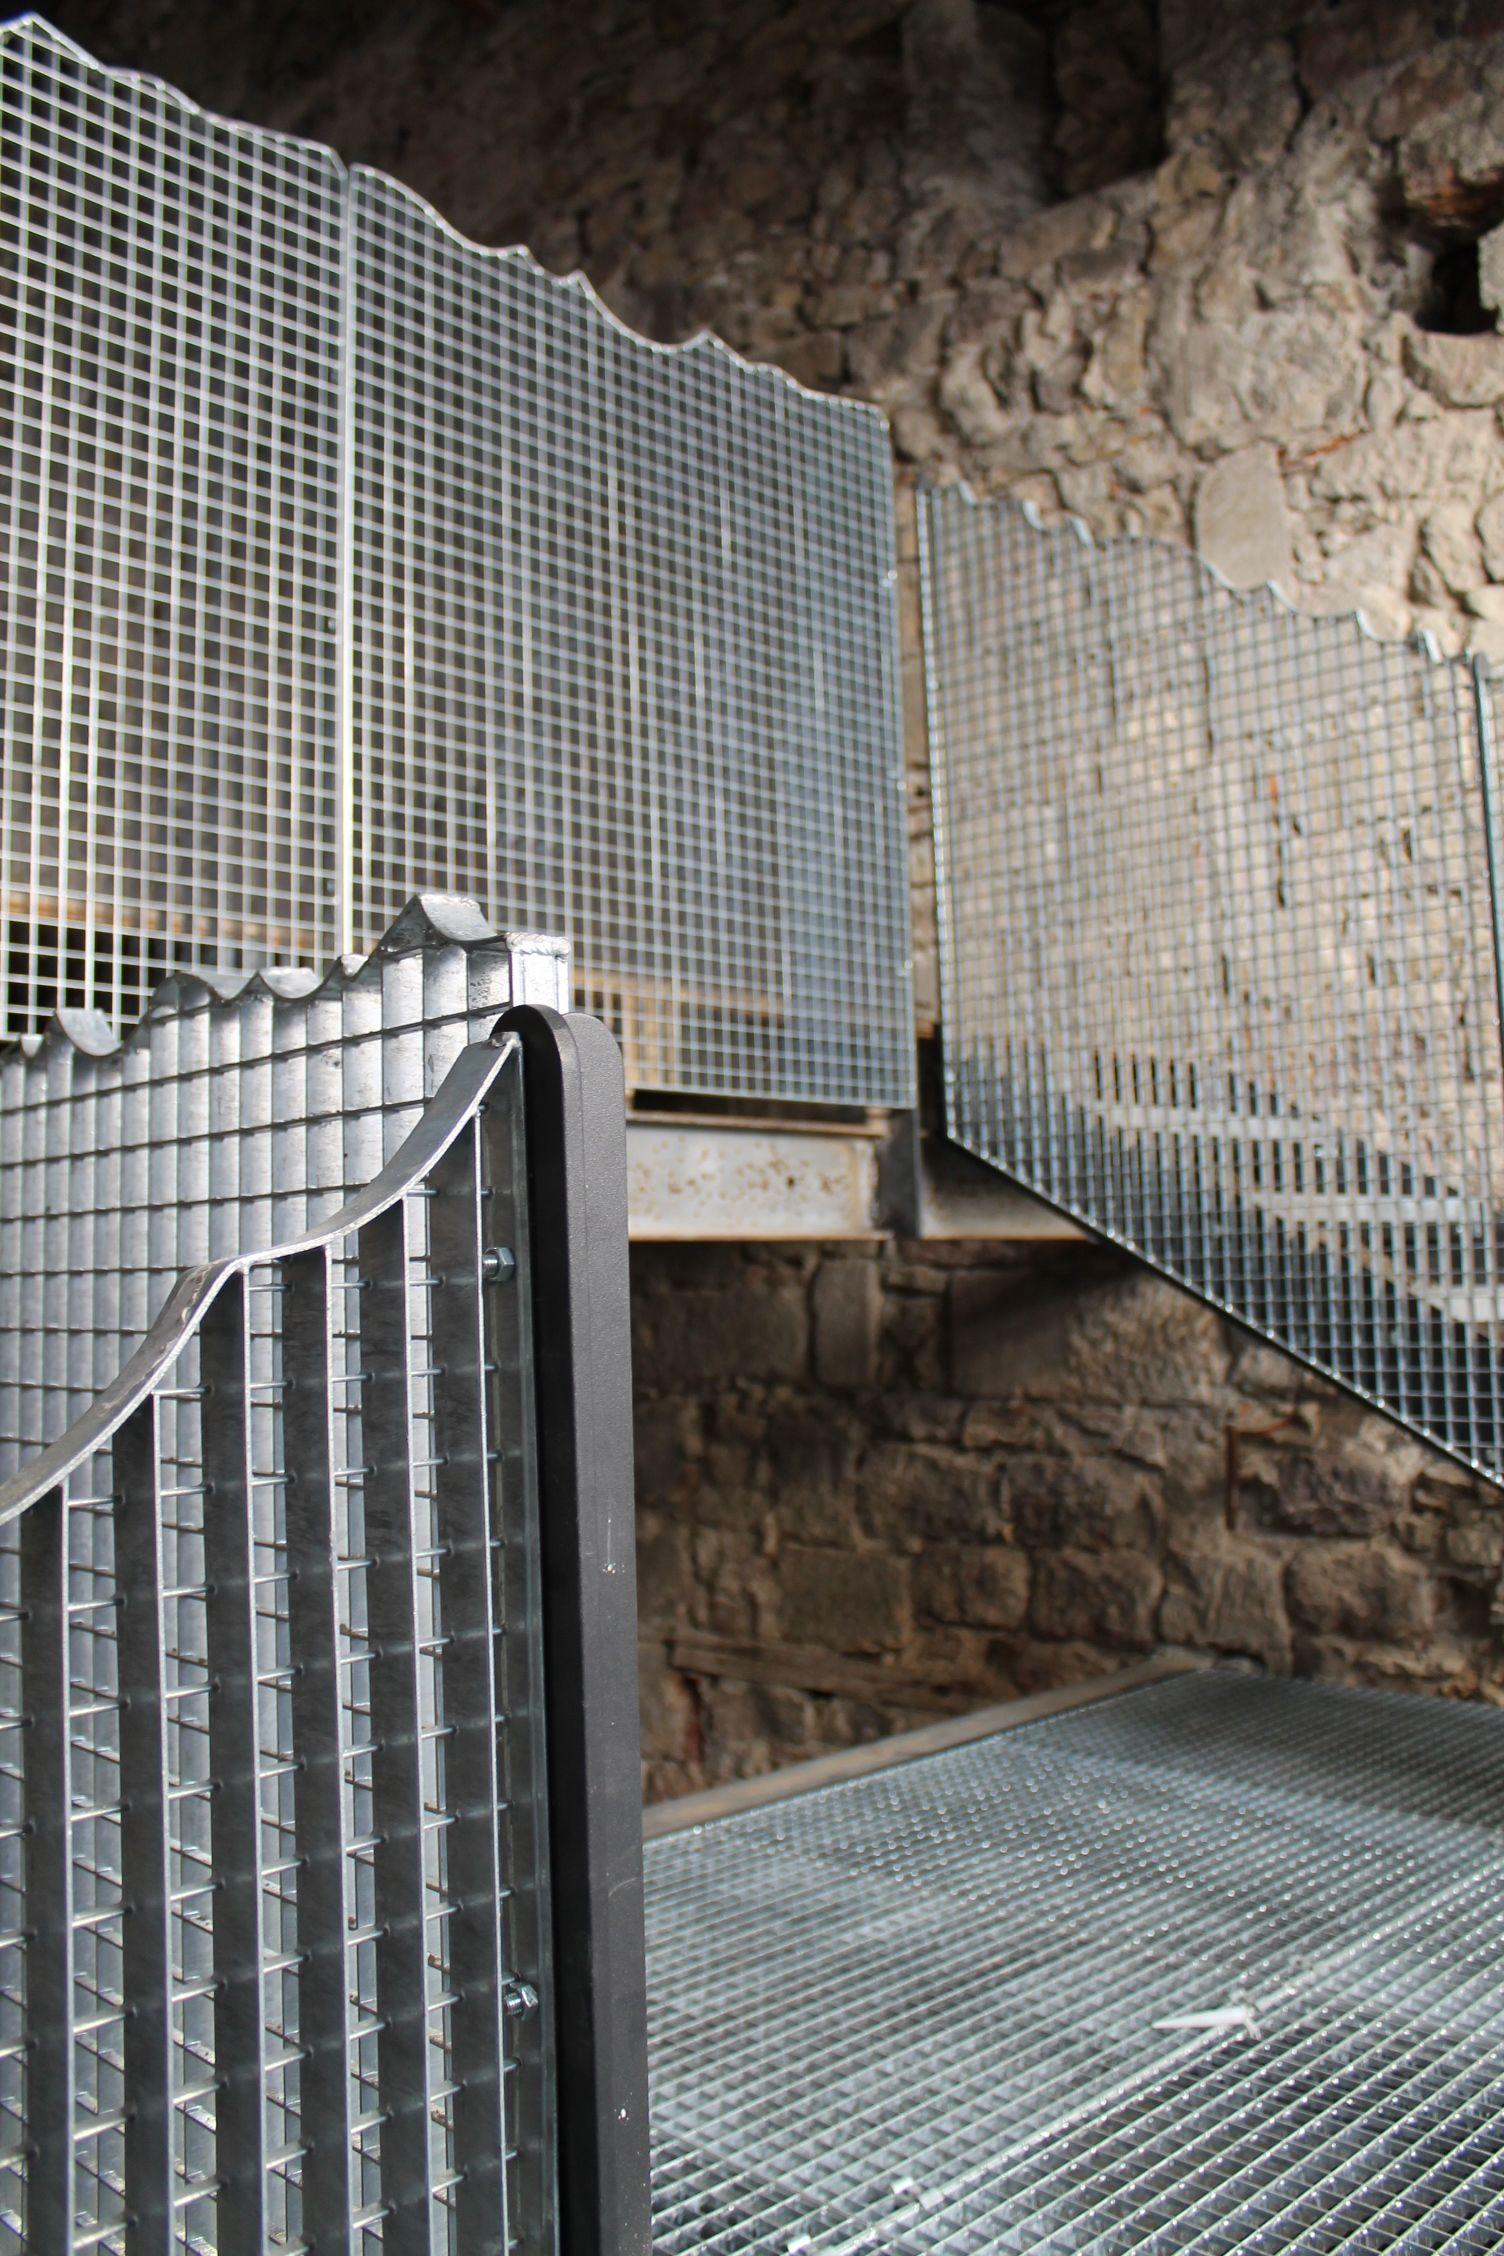 escalier et garde corps en caillebotis m tallique cour pinterest. Black Bedroom Furniture Sets. Home Design Ideas